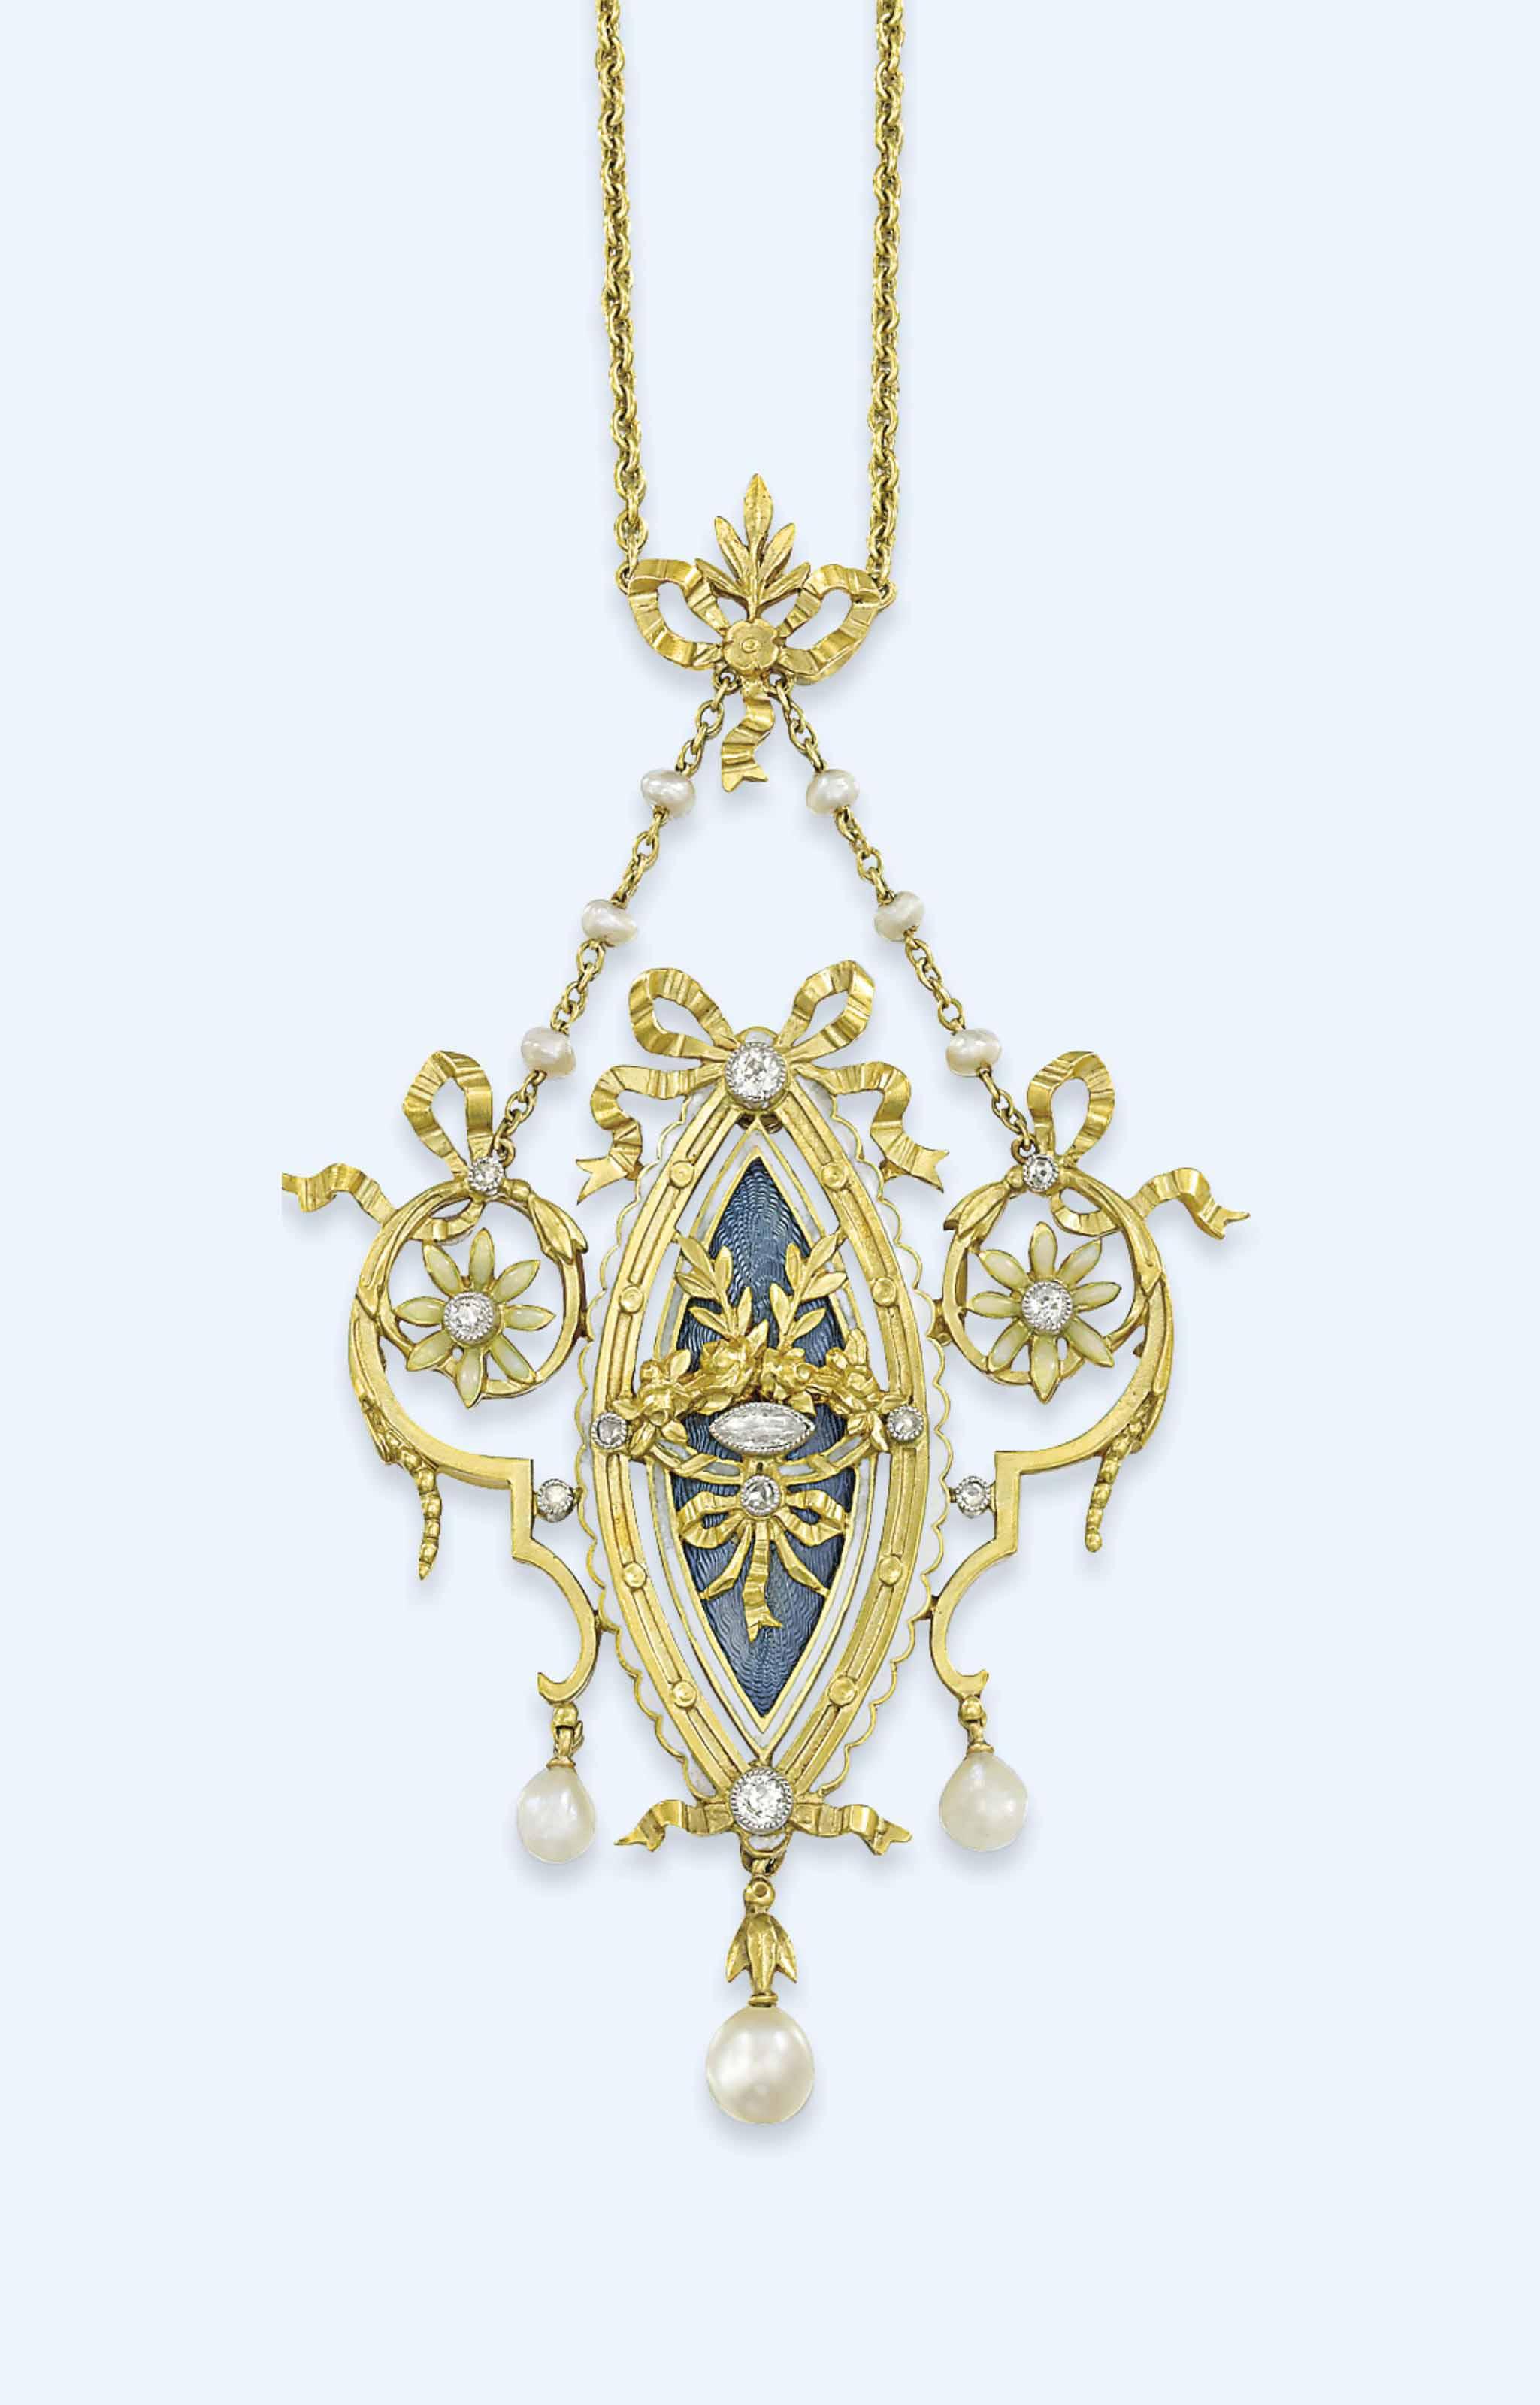 A BELLE EPOQUE DIAMOND AND ENAMEL PENDANT NECKLACE, BY LUCIEN GAUTRAIT